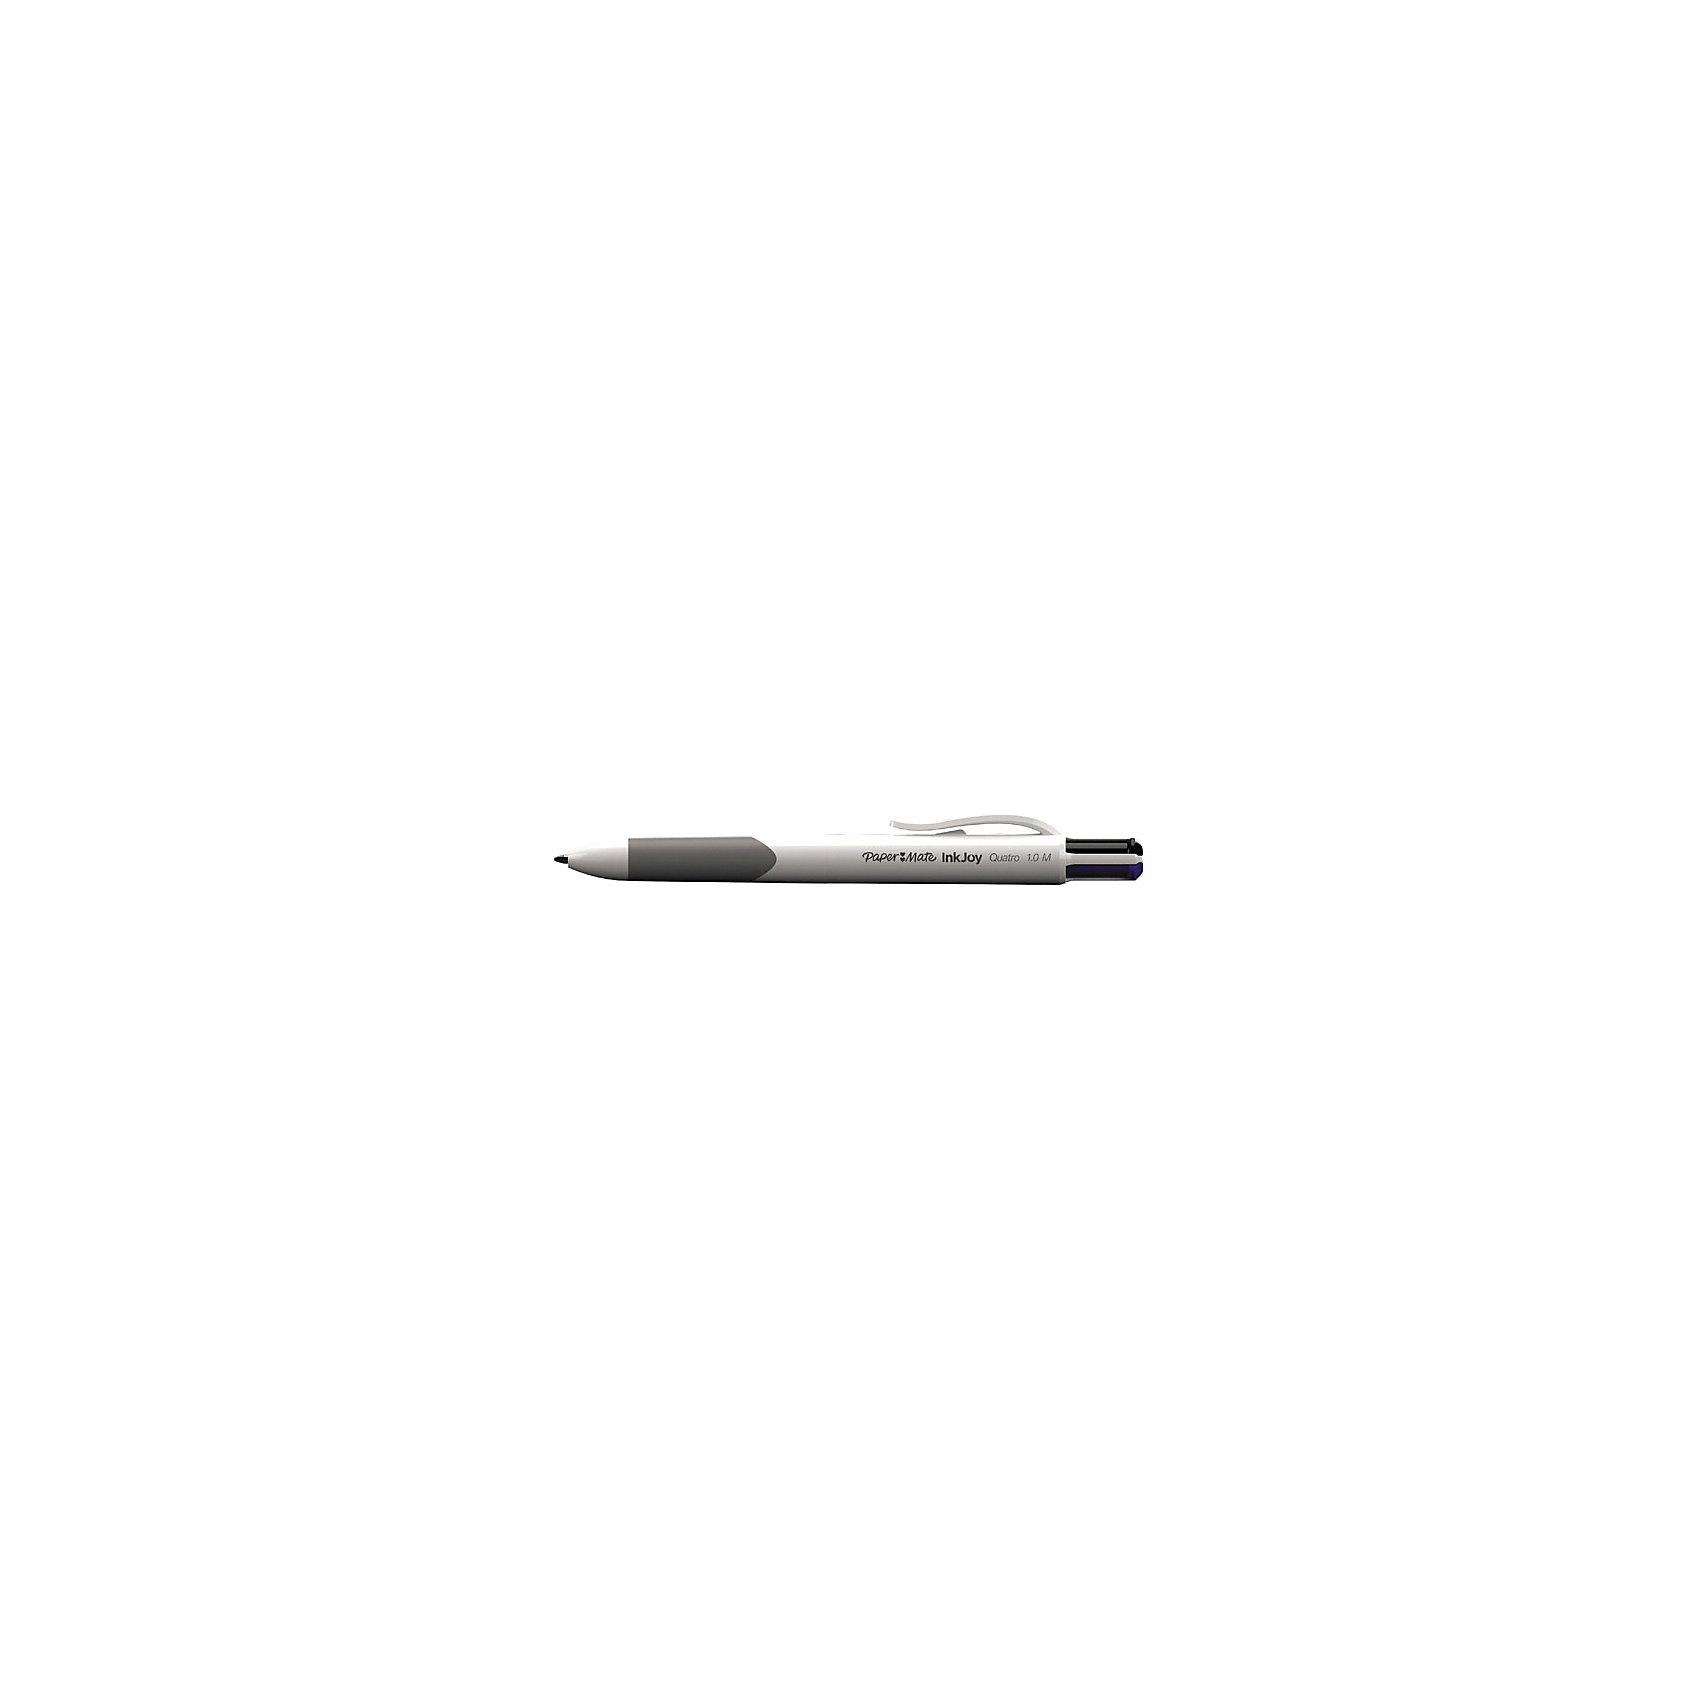 Ручка шариковая Paper mate Quatro, 4 цвета в одной ручкеПисьменные принадлежности<br>Пластиковый белый корпус с резиновым упором. 4 цвета в одной ручке: черный, синий, красный, зеленый. Толщина линии - 0,7 мм. Диаметр шарика - 1 мм<br><br>Ширина мм: 140<br>Глубина мм: 20<br>Высота мм: 20<br>Вес г: 14<br>Возраст от месяцев: 36<br>Возраст до месяцев: 2147483647<br>Пол: Унисекс<br>Возраст: Детский<br>SKU: 6884884